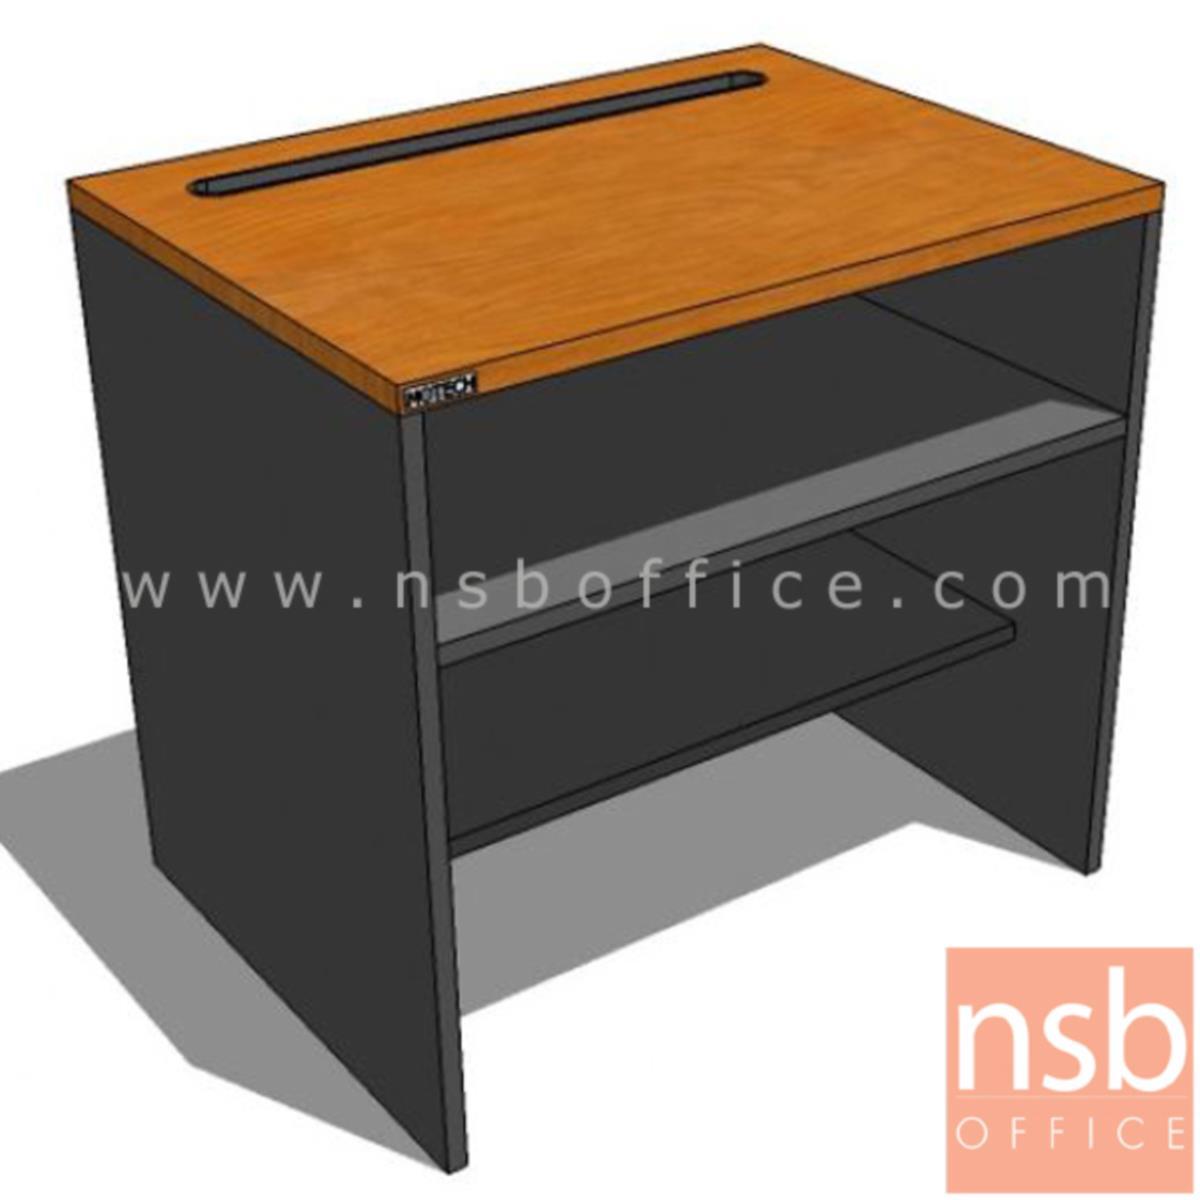 โต๊ะวางพริ้นเตอร์  รุ่น Moreno (มอเรโน)  พร้อมช่องฟีดกระดาษและแผ่นชั้นวาง